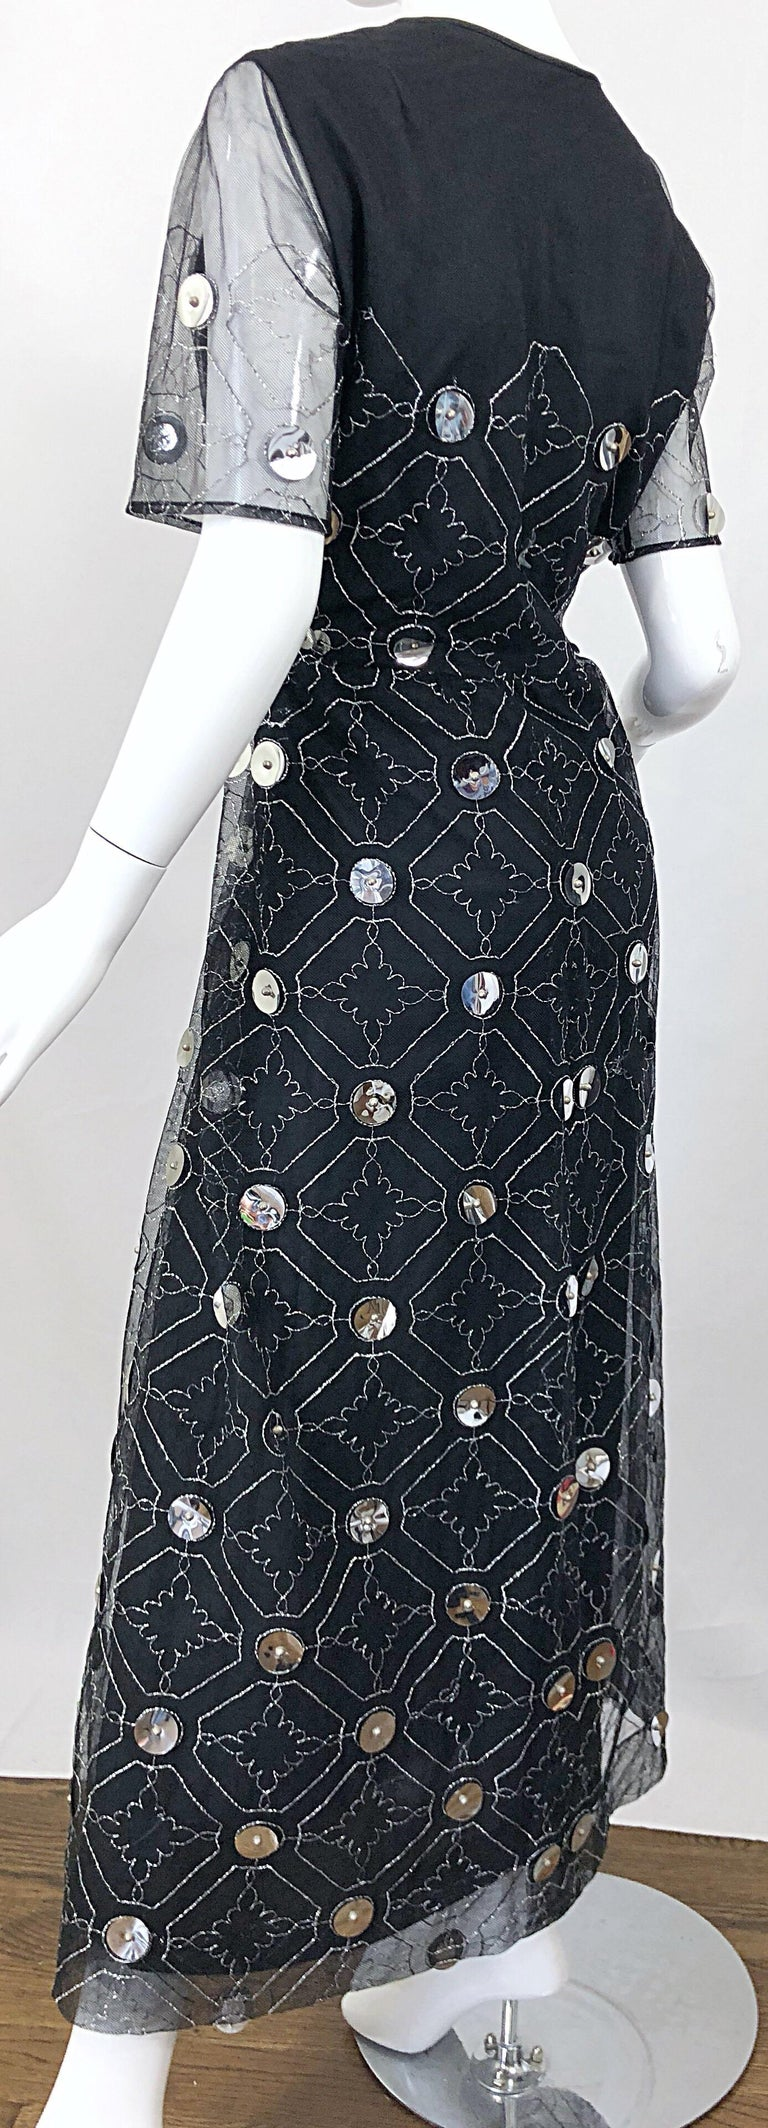 Vintage Oscar de la Renta Sz 10 1970s Black Tulle + Silver Pailletes 70s Gown For Sale 4